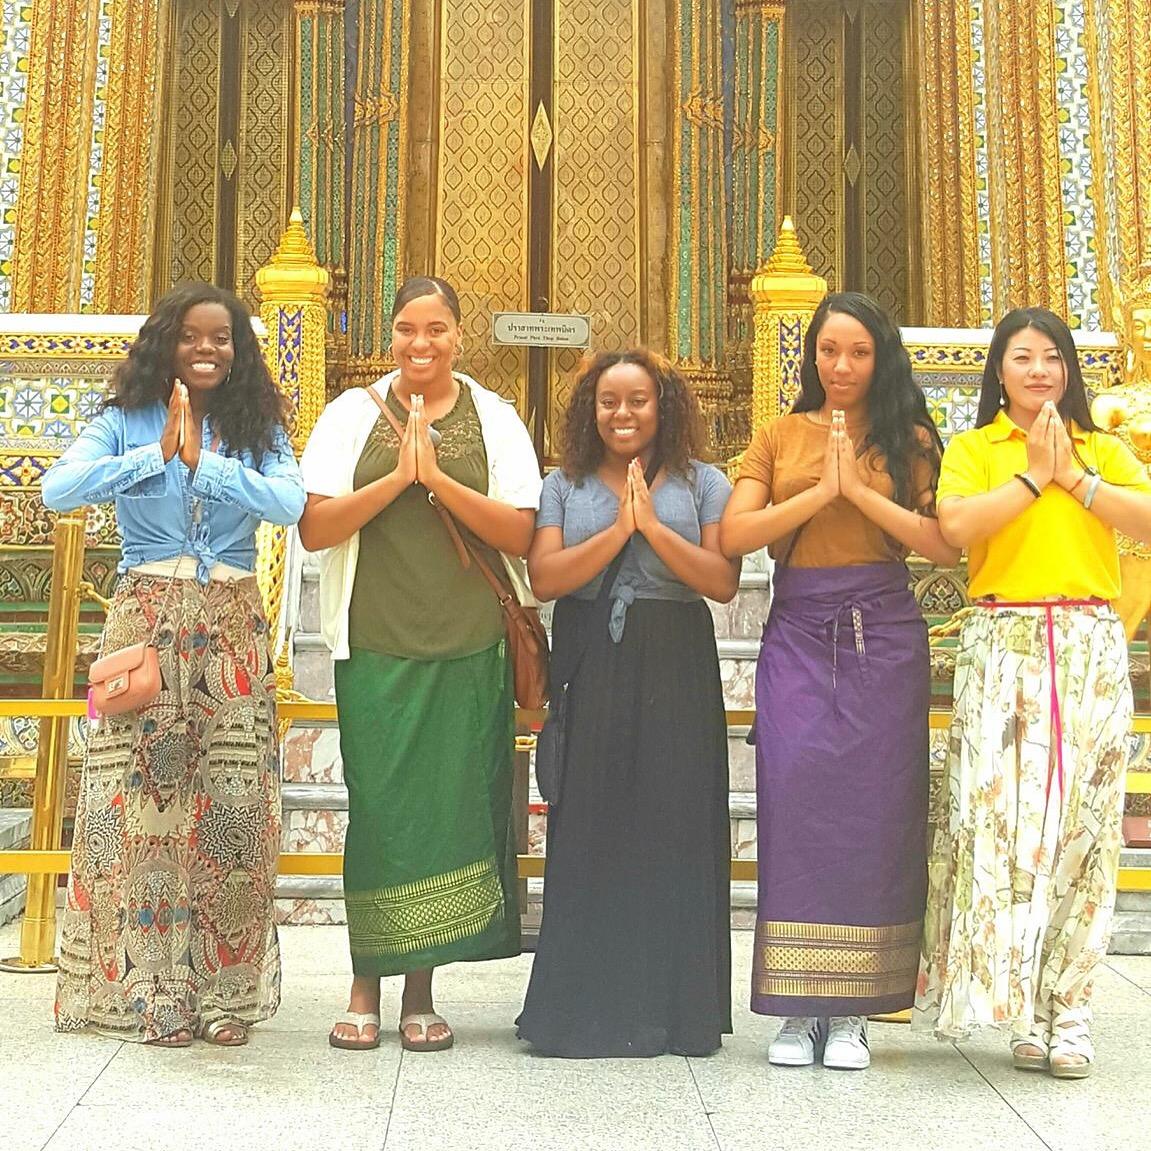 thailand pic 5.jpg